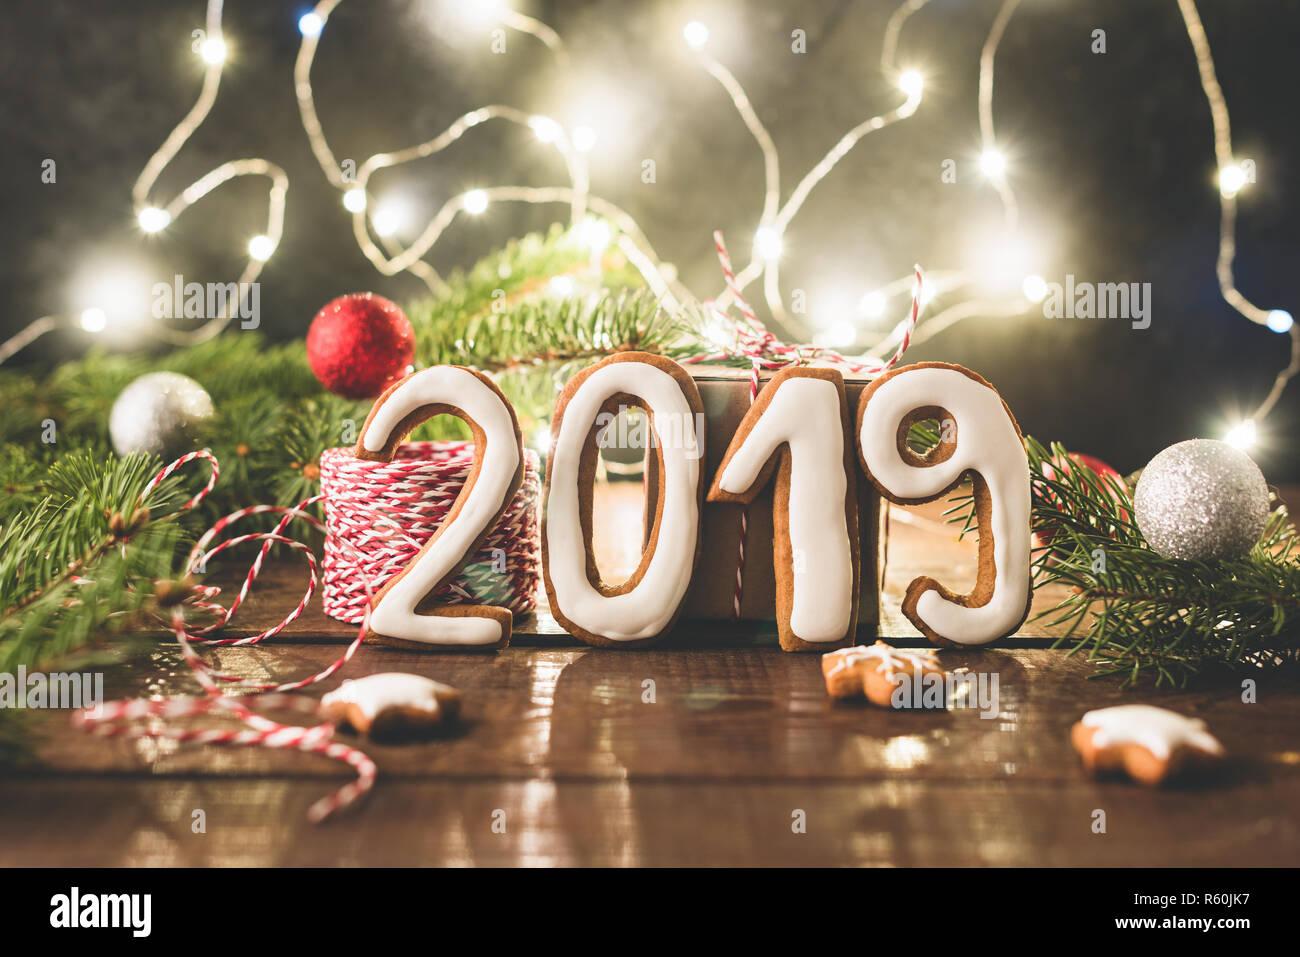 2019 Gruß von Cookies und Weihnachtsbeleuchtung. Weihnachten und neues Jahr Banner, Dekorationen, Grußkarte Stockbild